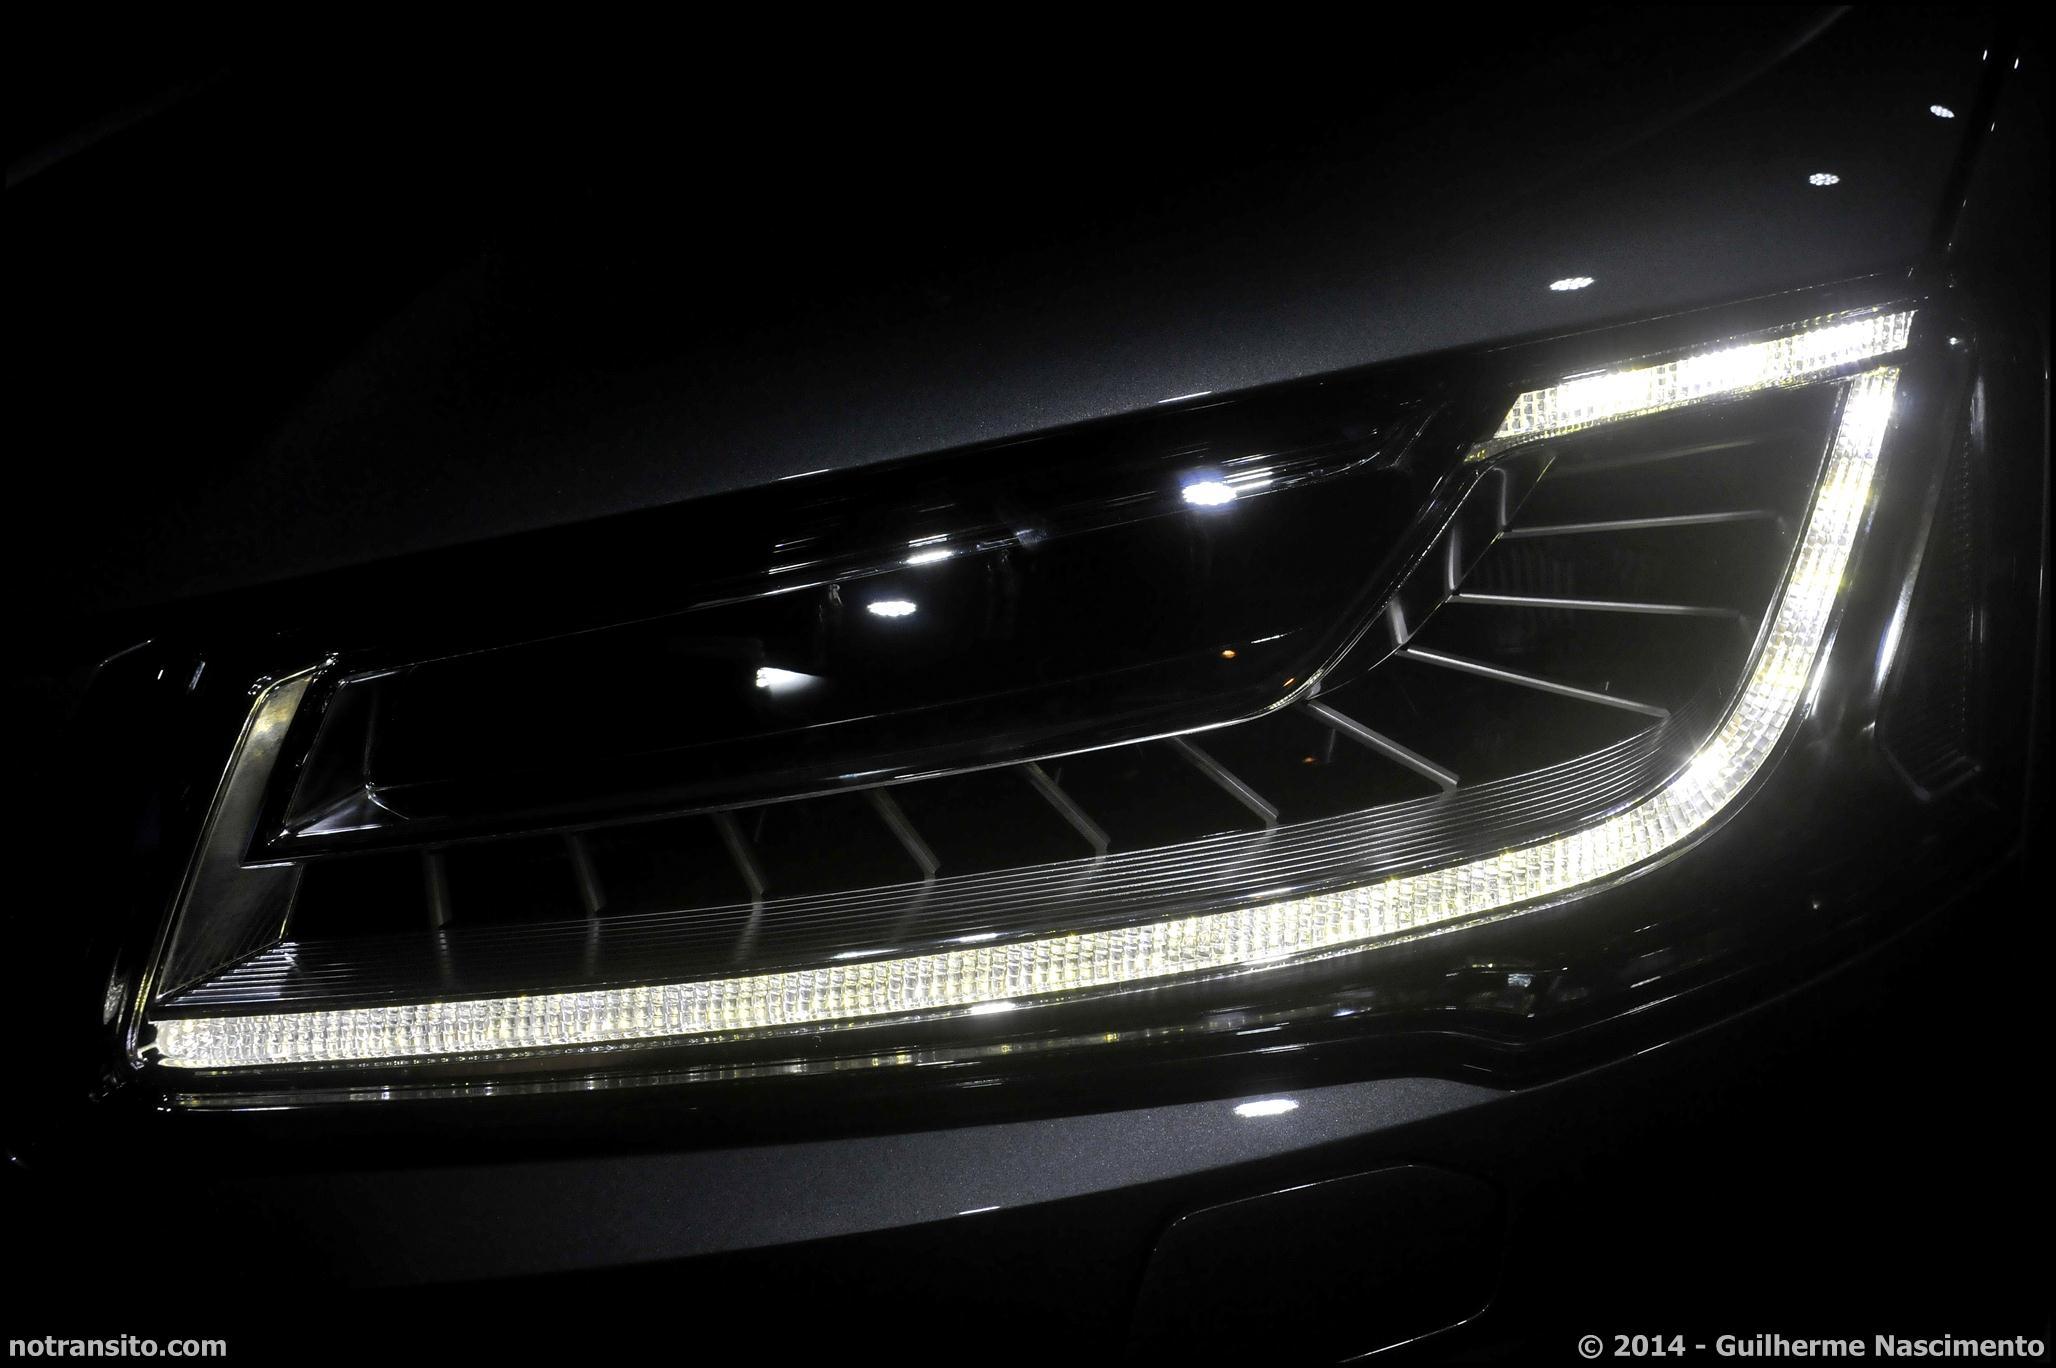 Audi A8 L W12 Exclusive Concept, Salão do Automóvel 2014, Matrix LED